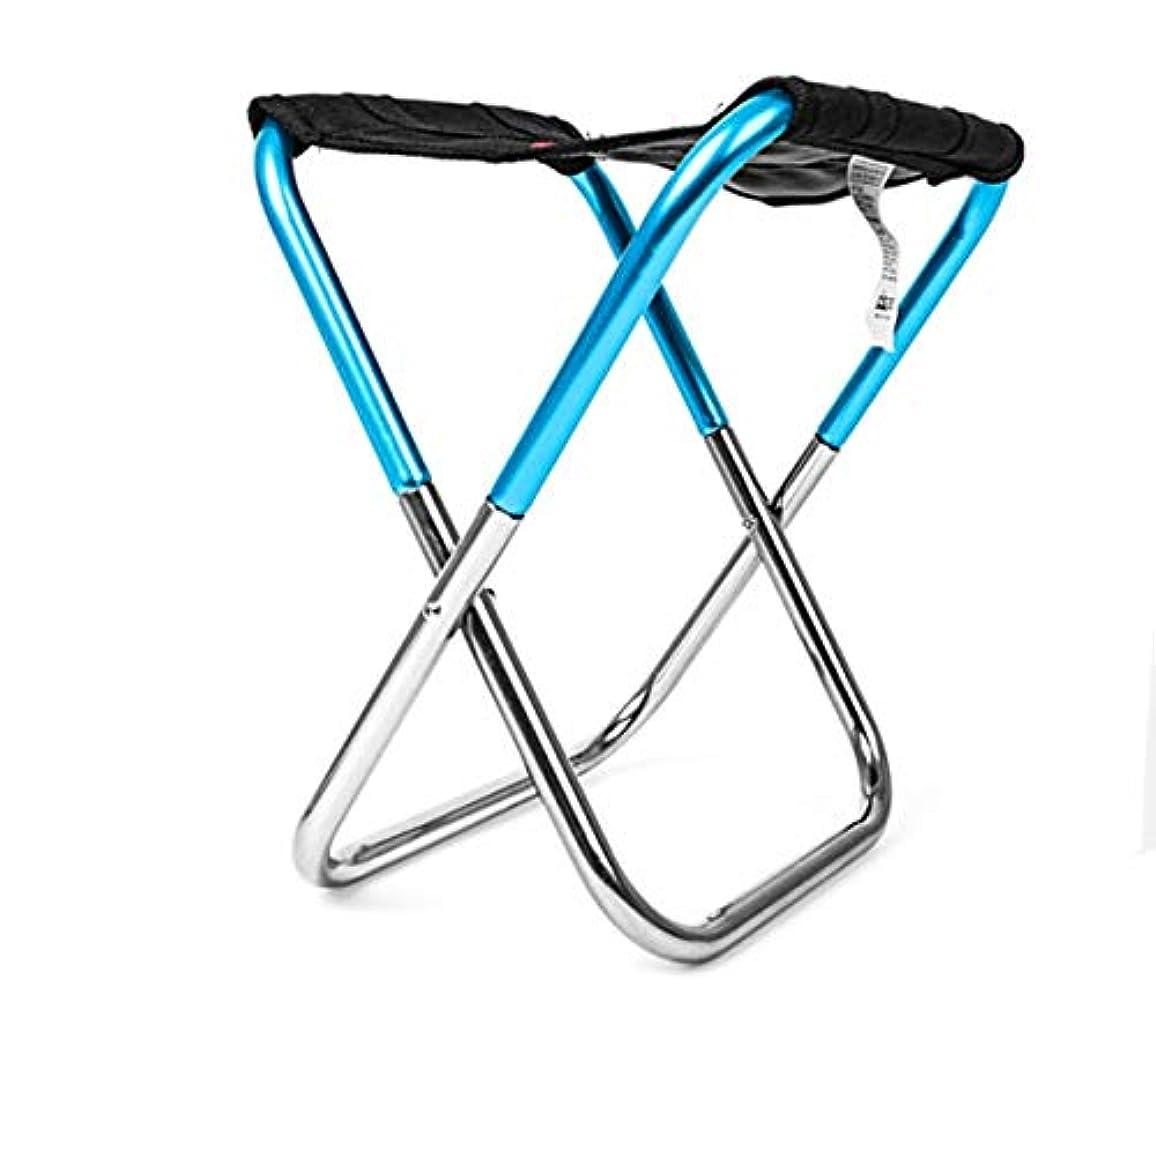 送料羽サミット屋外折りたたみシートチェア折りたたみミニスツールポータブルキャンプフィッシングトレインベンチ折りたたみ式並んだスツール-ブルー